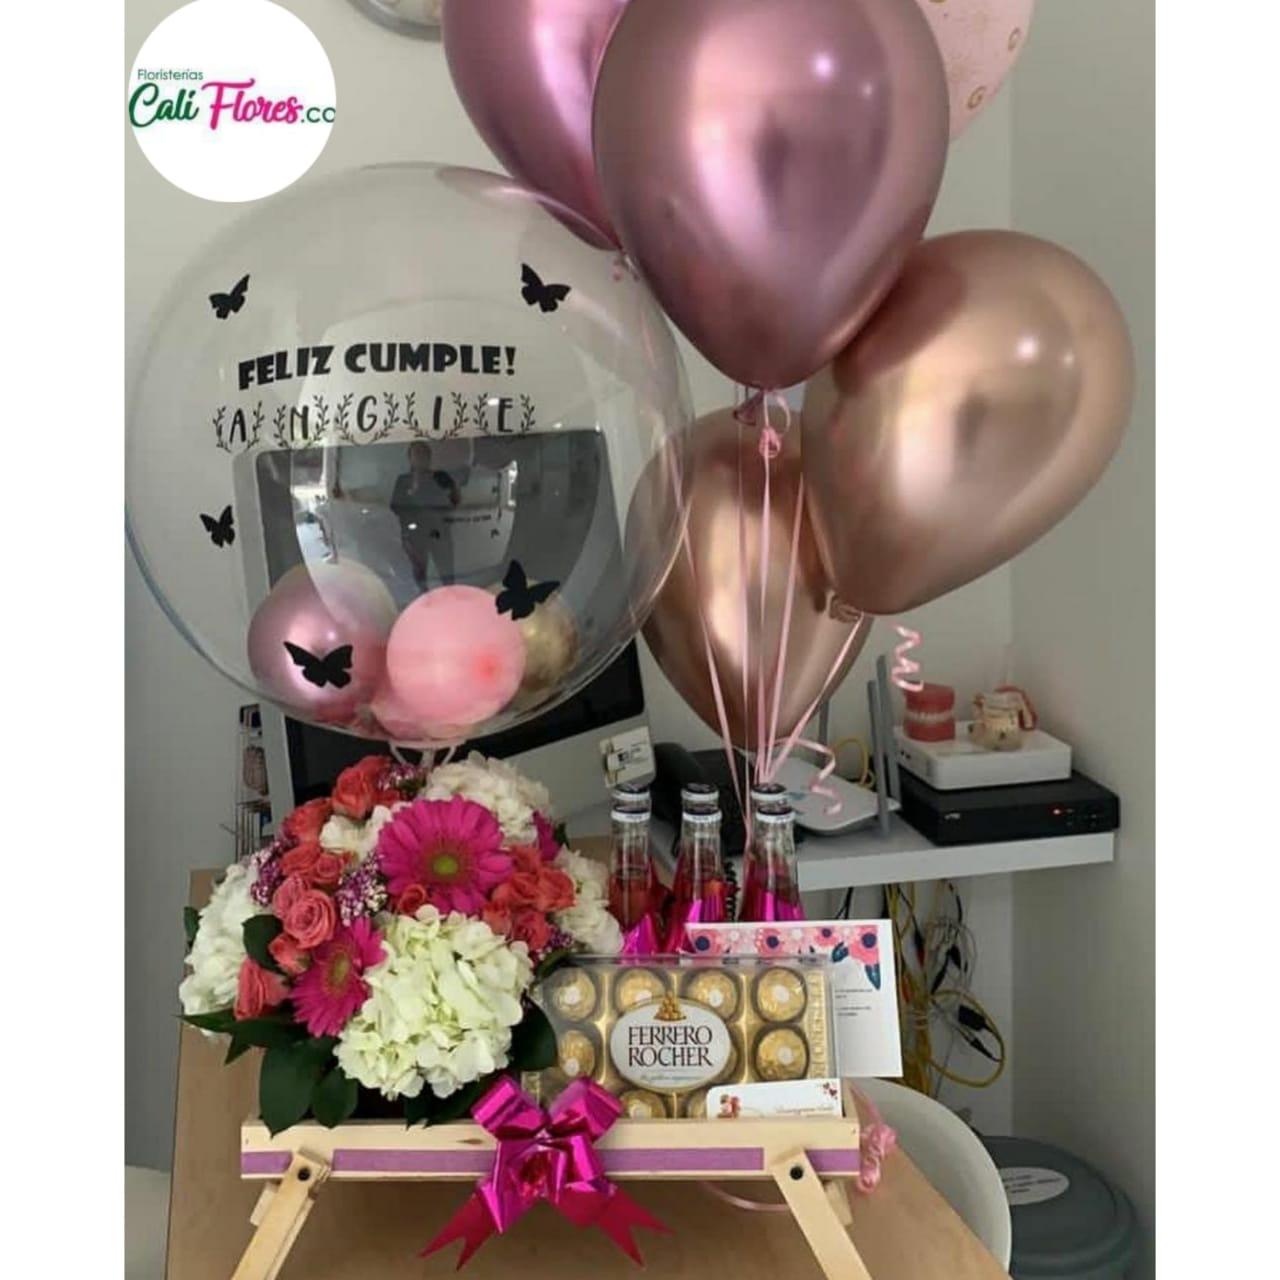 Desayunos Sorpresas en Cali - Detalles, Regalos y Arreglos florales económicos Cumpleaños y Fechas especiales Regalos para tu pareja.